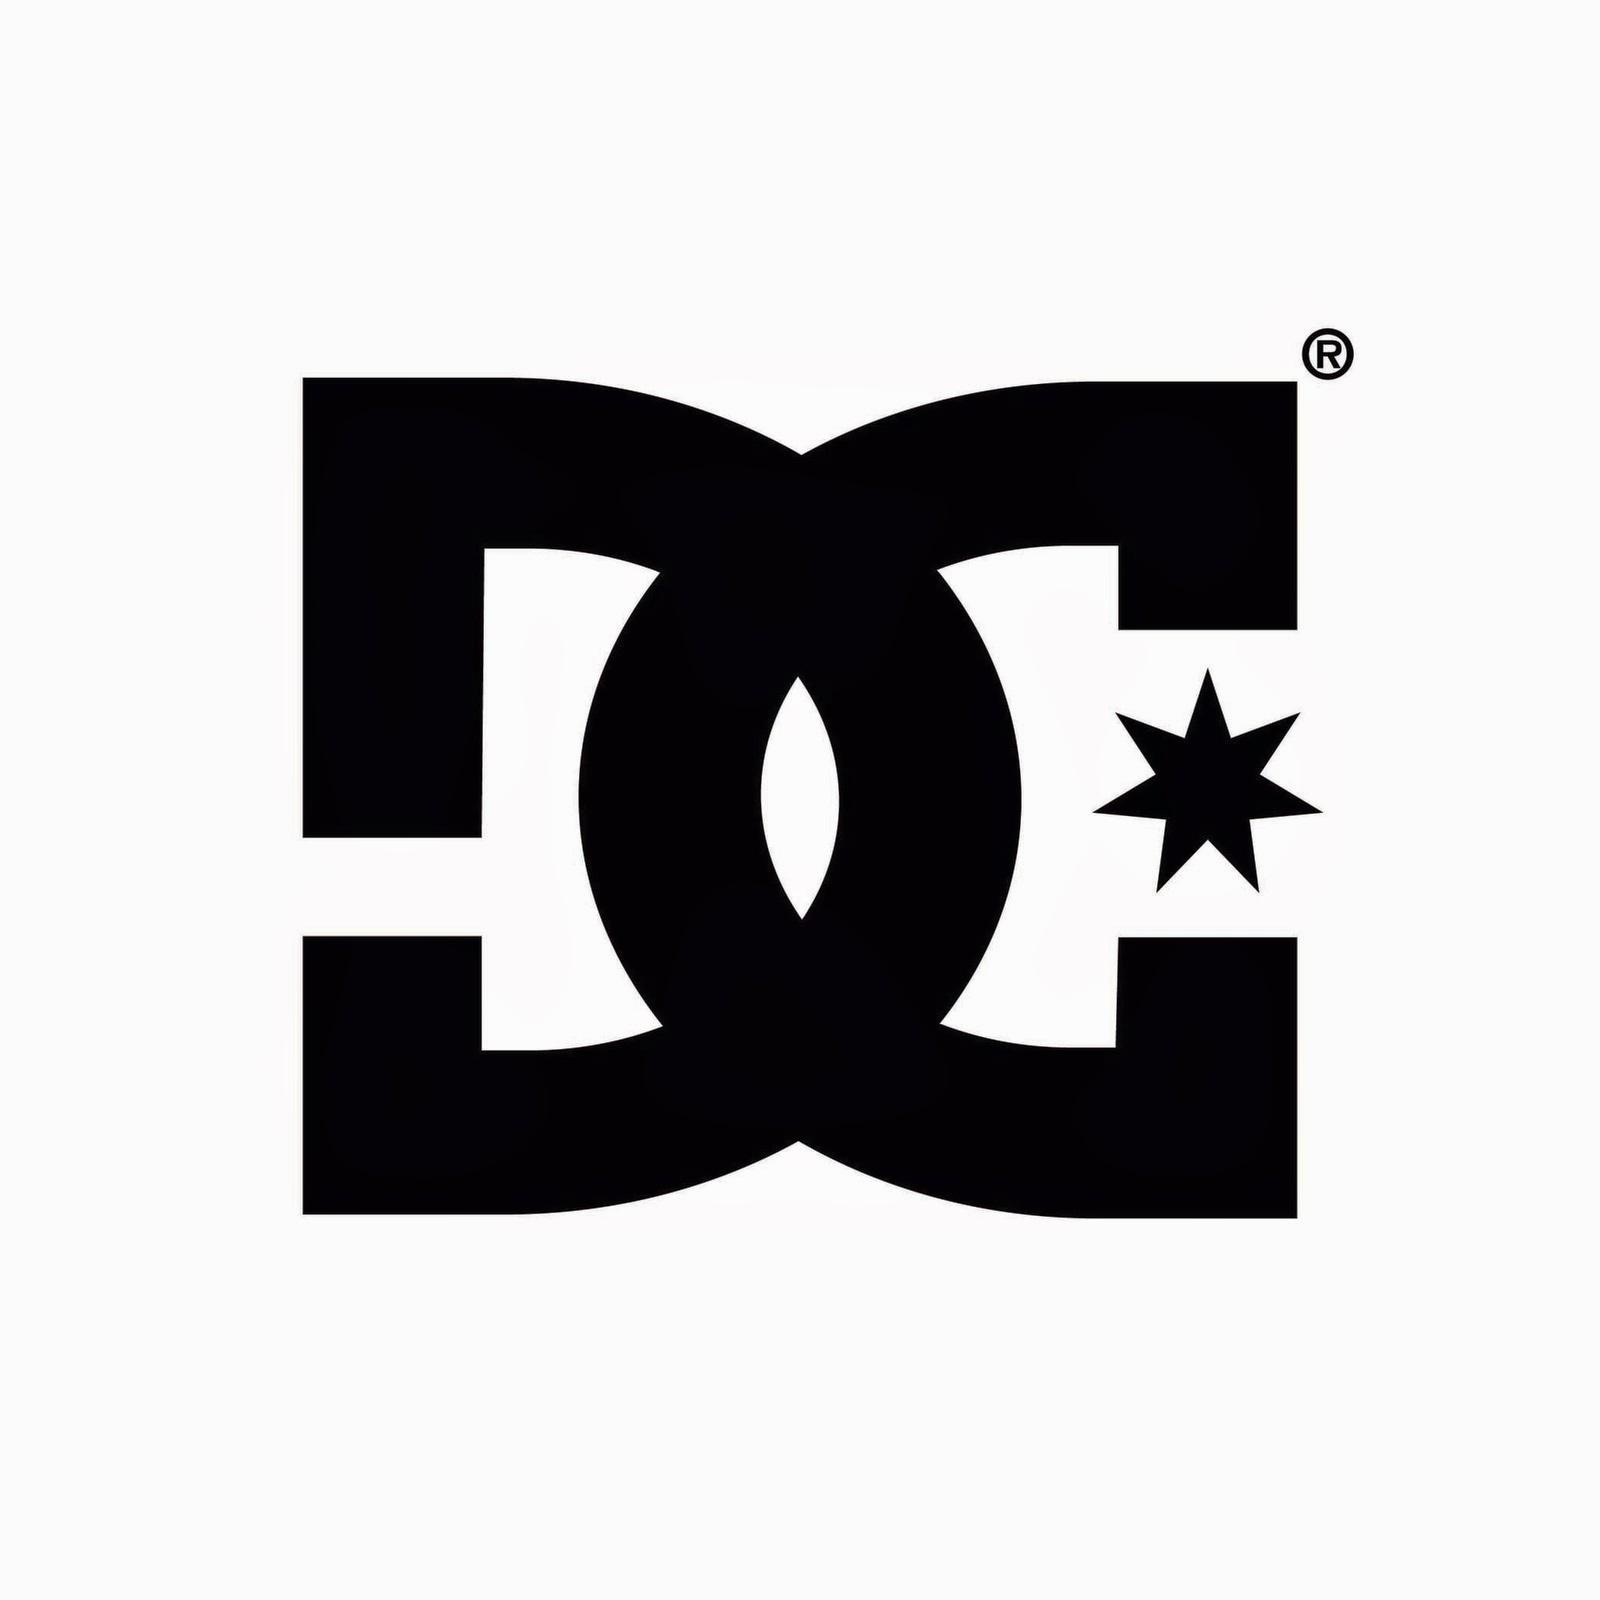 DC Shoes Logo Wallpaper HD